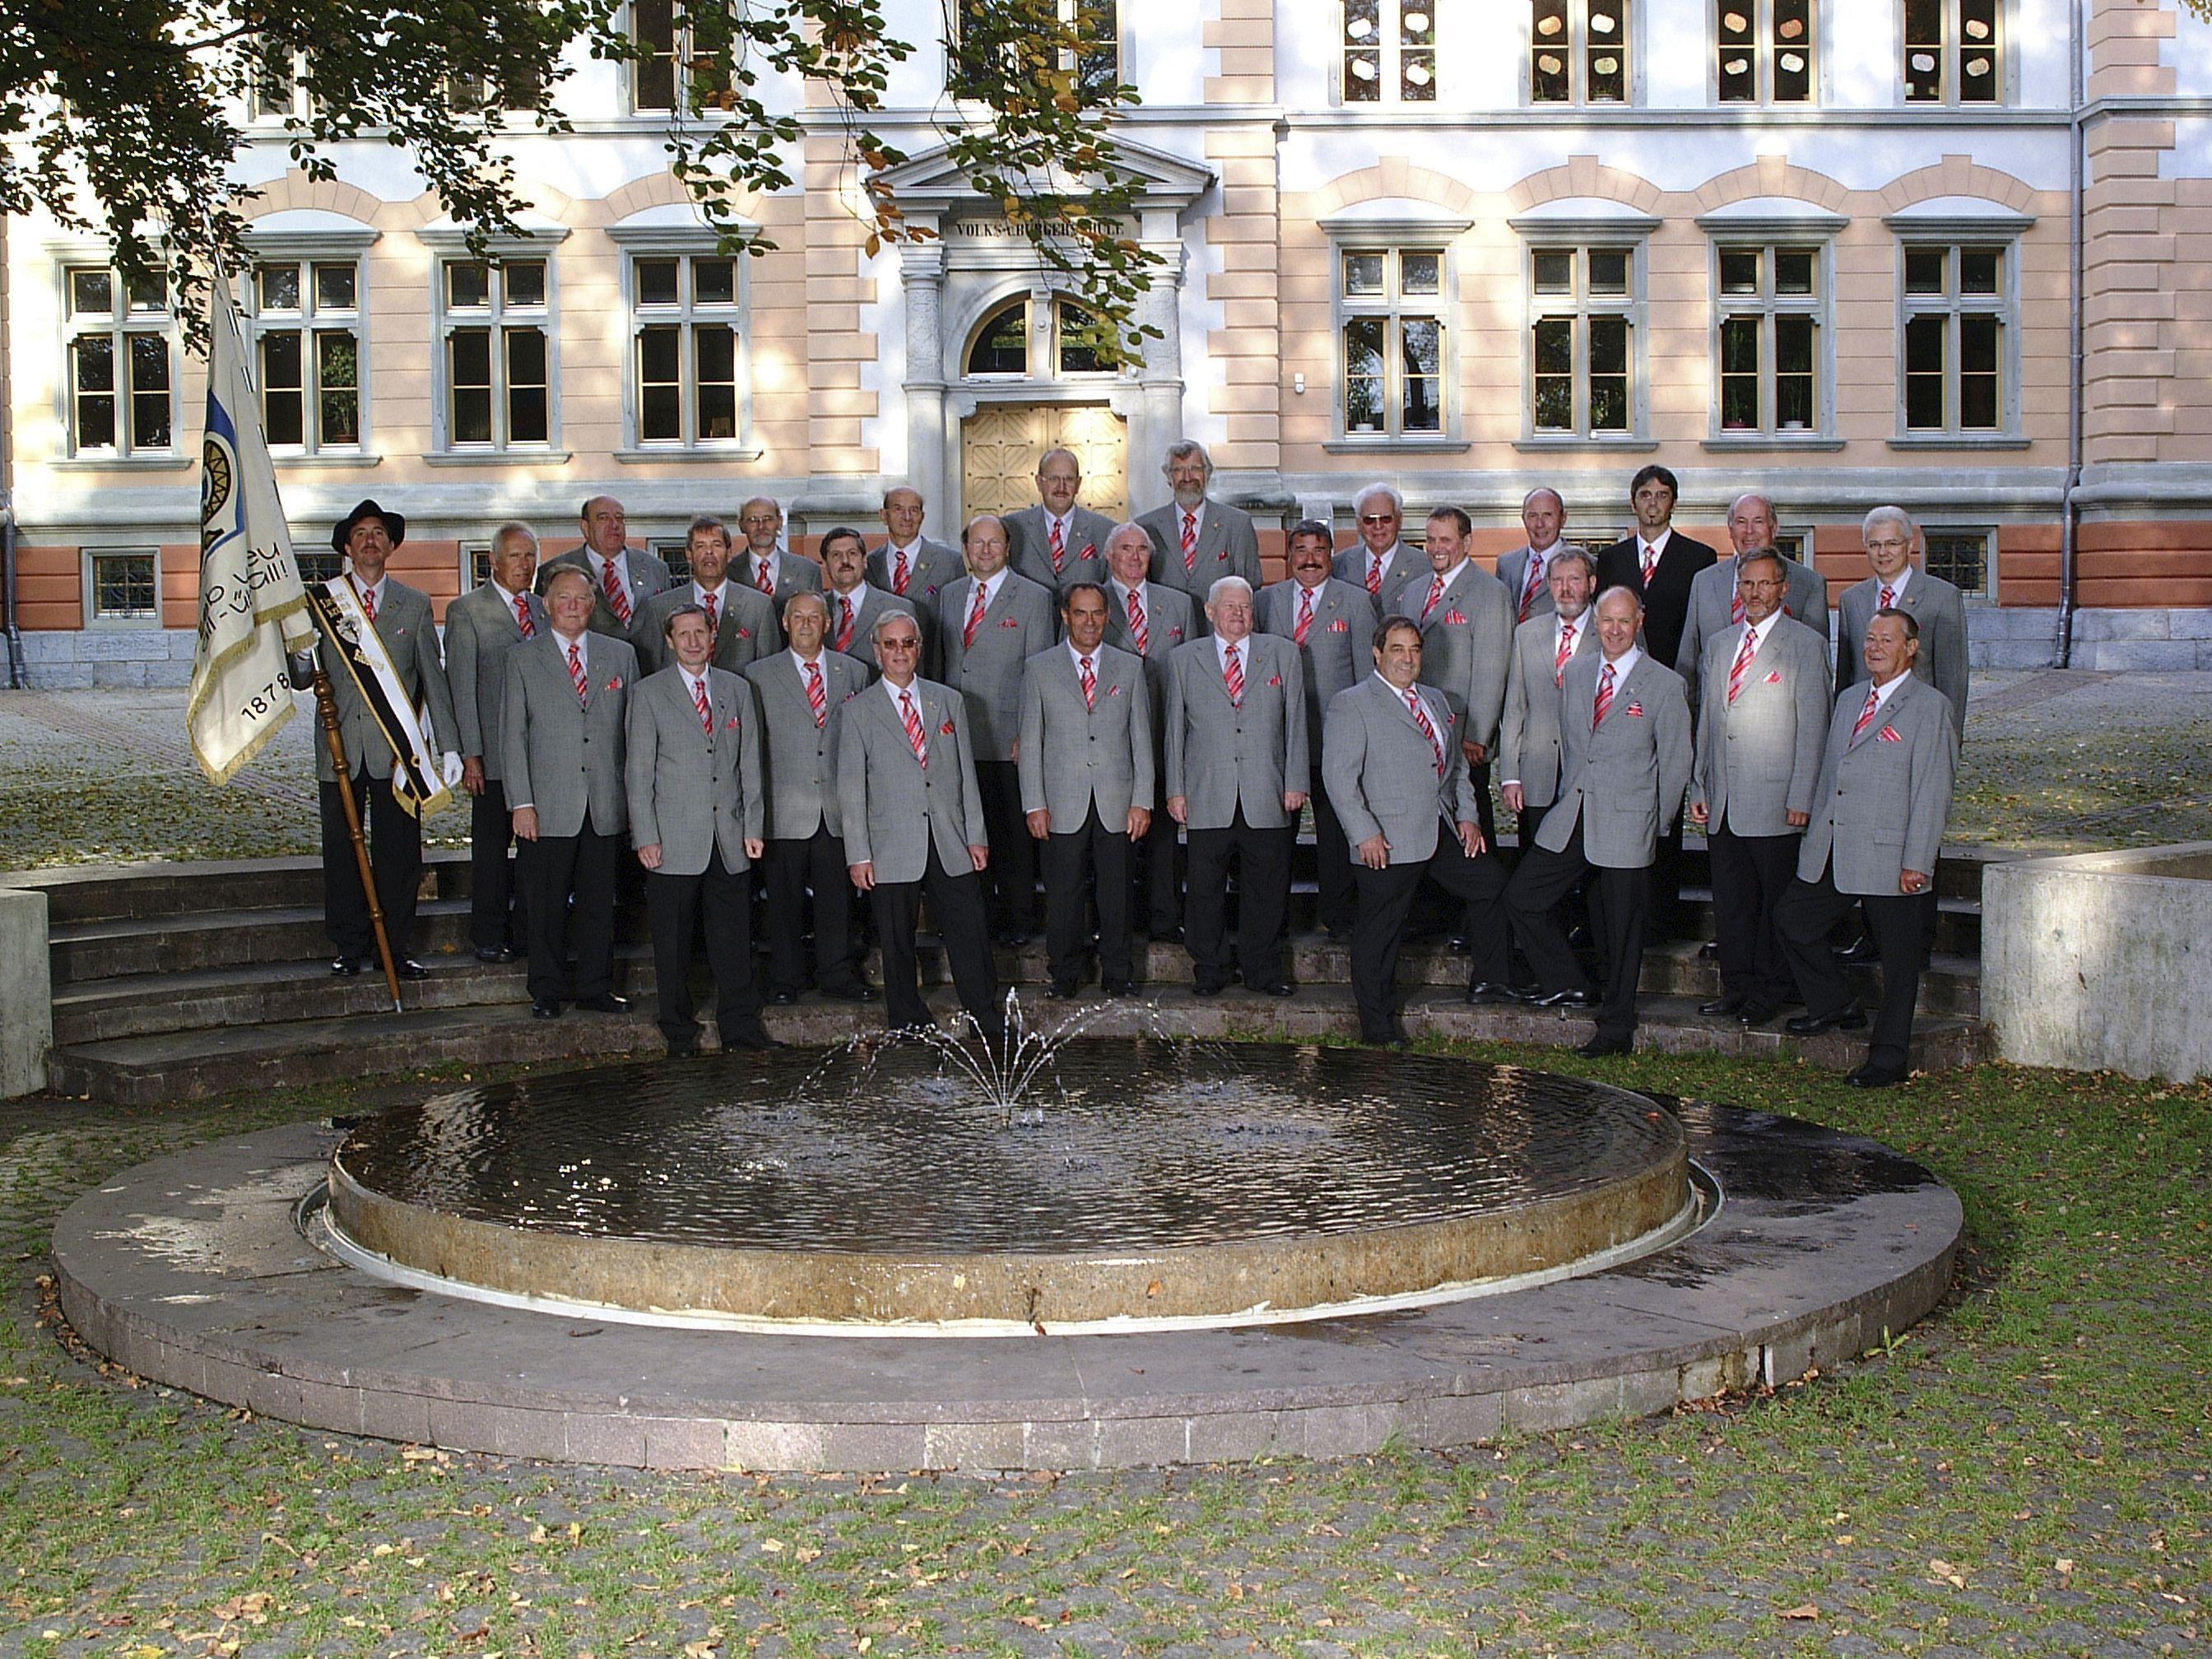 Der Bludenzer Liederkranz veranstaltet am Samstag, 23. Juni, ein Sommerfest auf dem Muttersberg